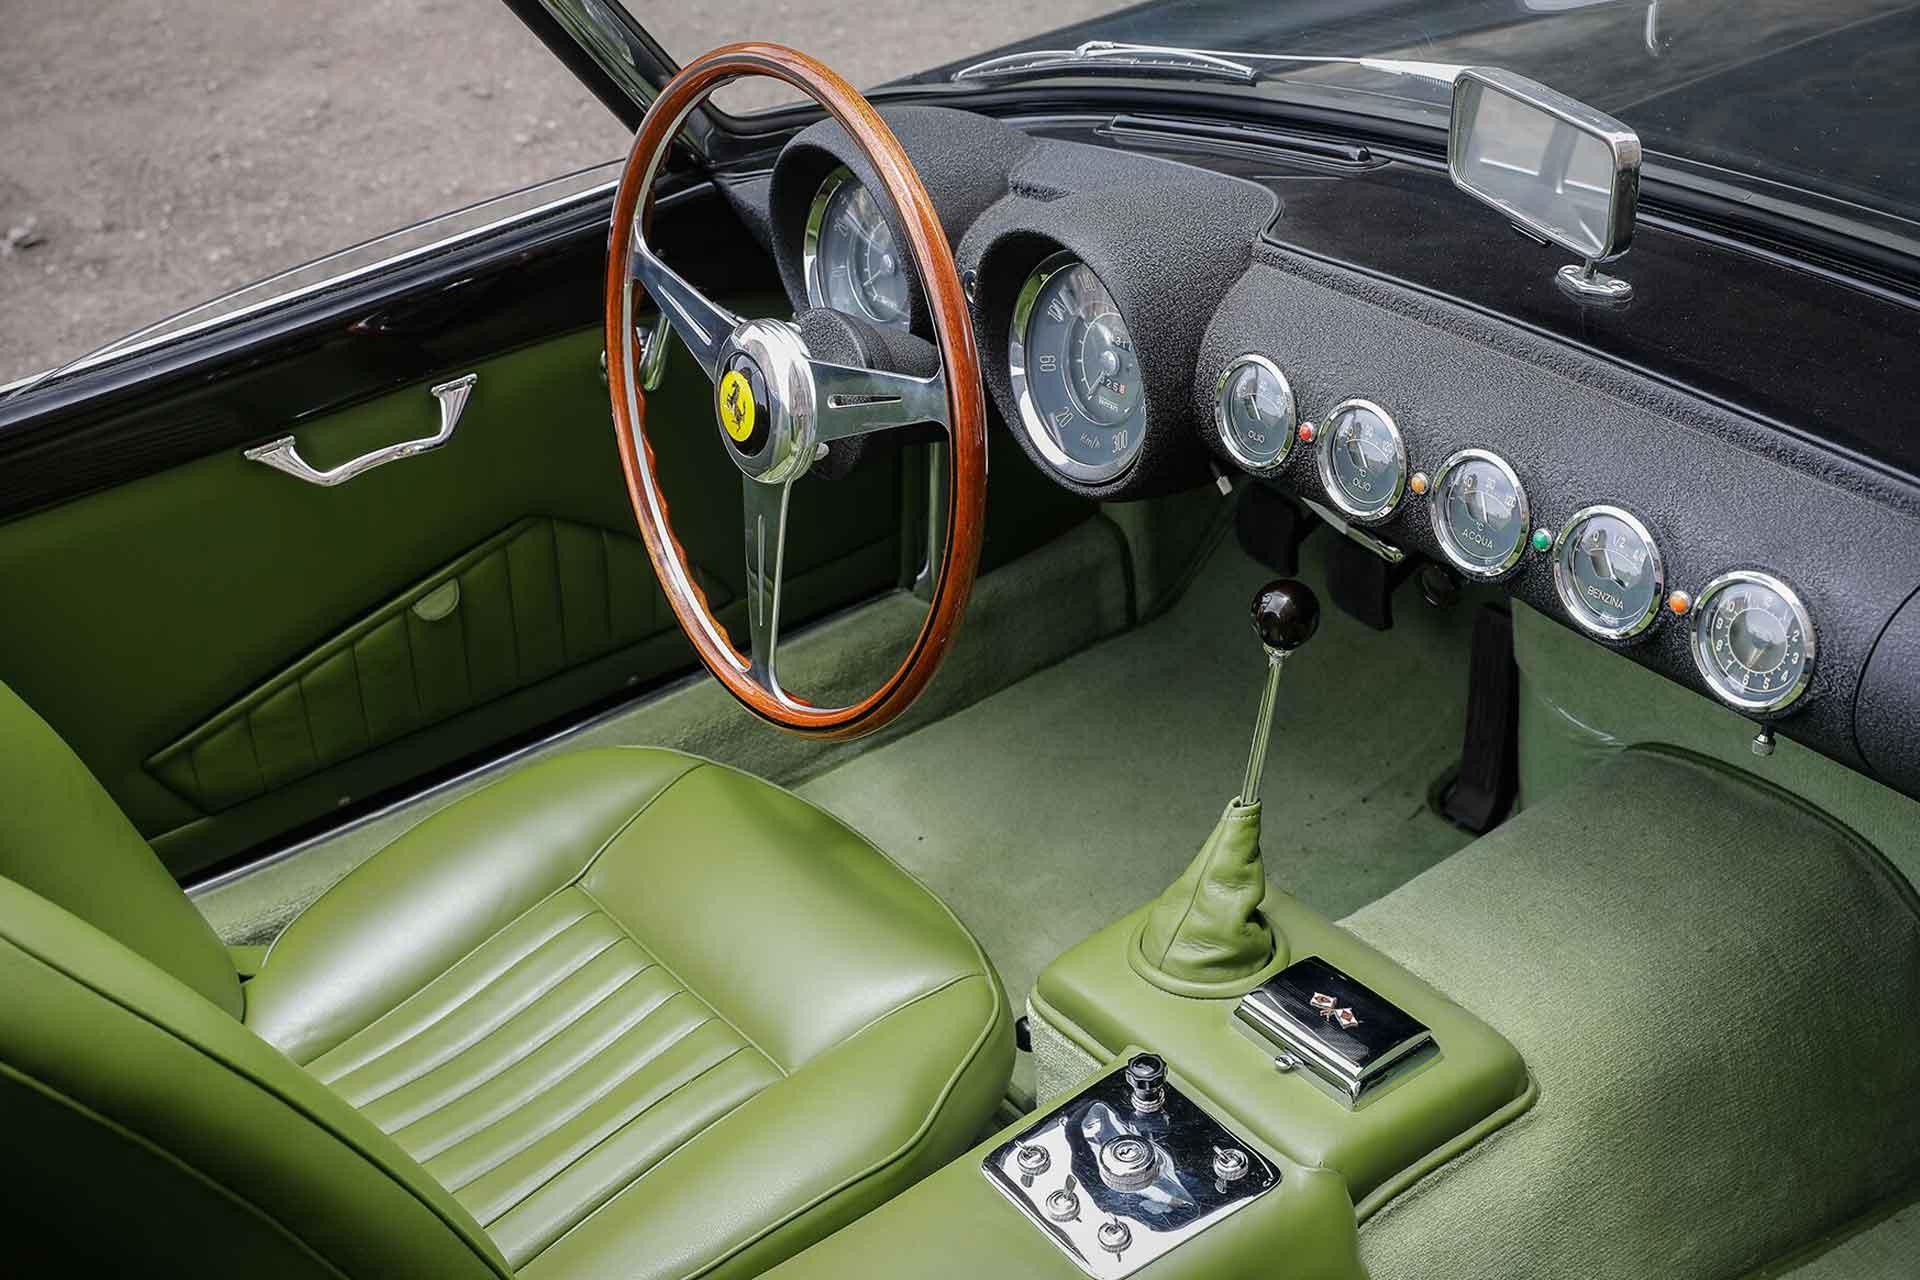 Ein italienisches Kunstwerk: Das Ferrari 250 GT I Cabriolet von 1958